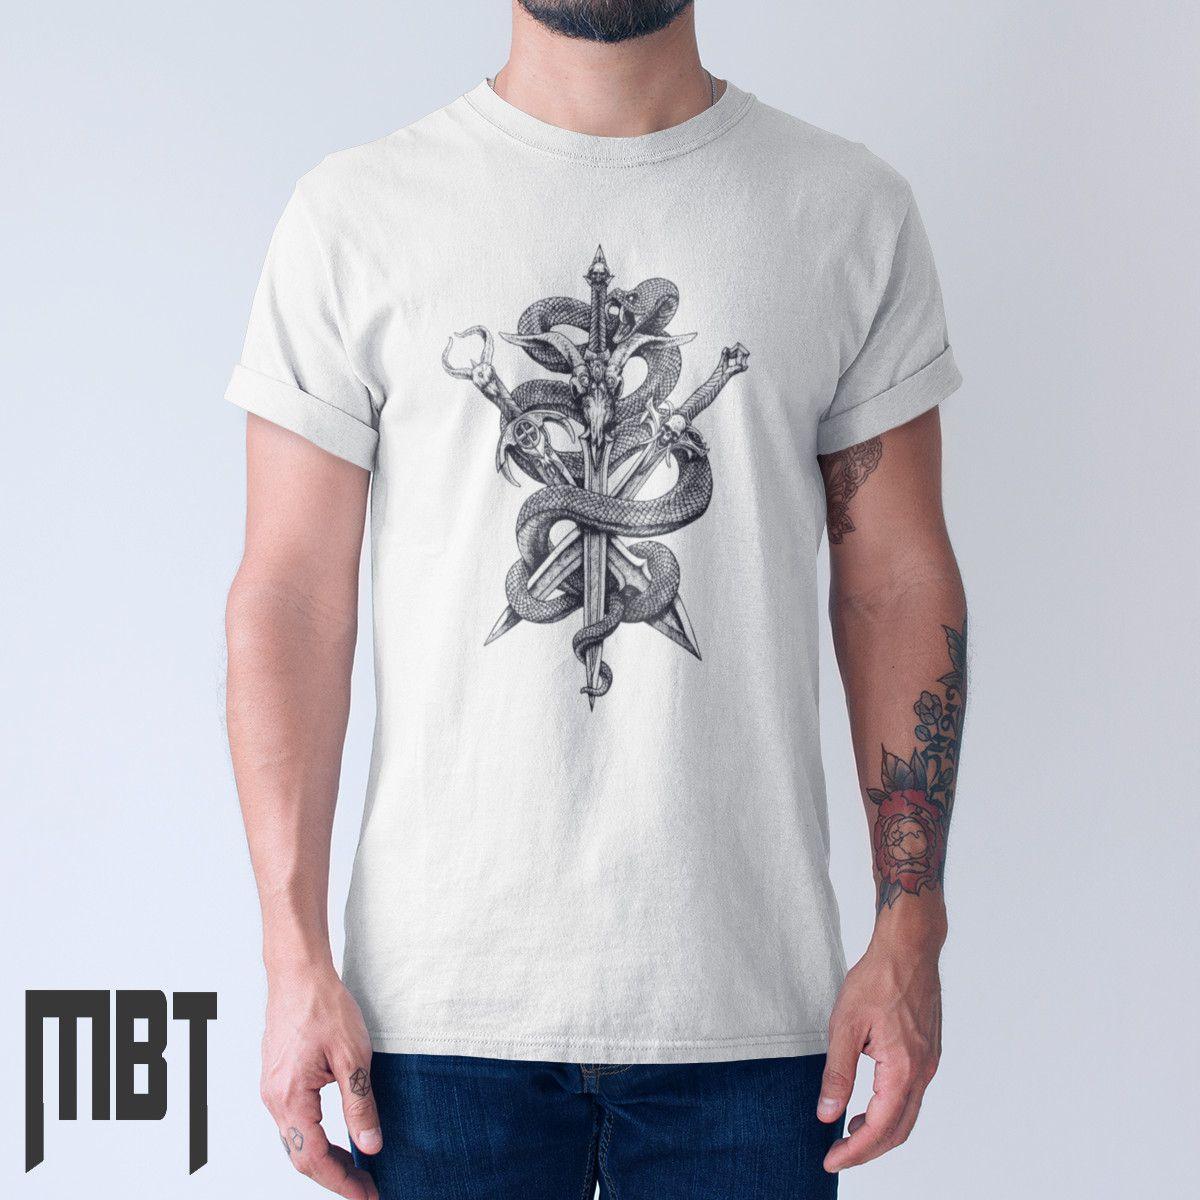 501066694726d Striker Band T-Shirt, Striker Artwork Tee-Shirt, Heavy Metal Merch ...